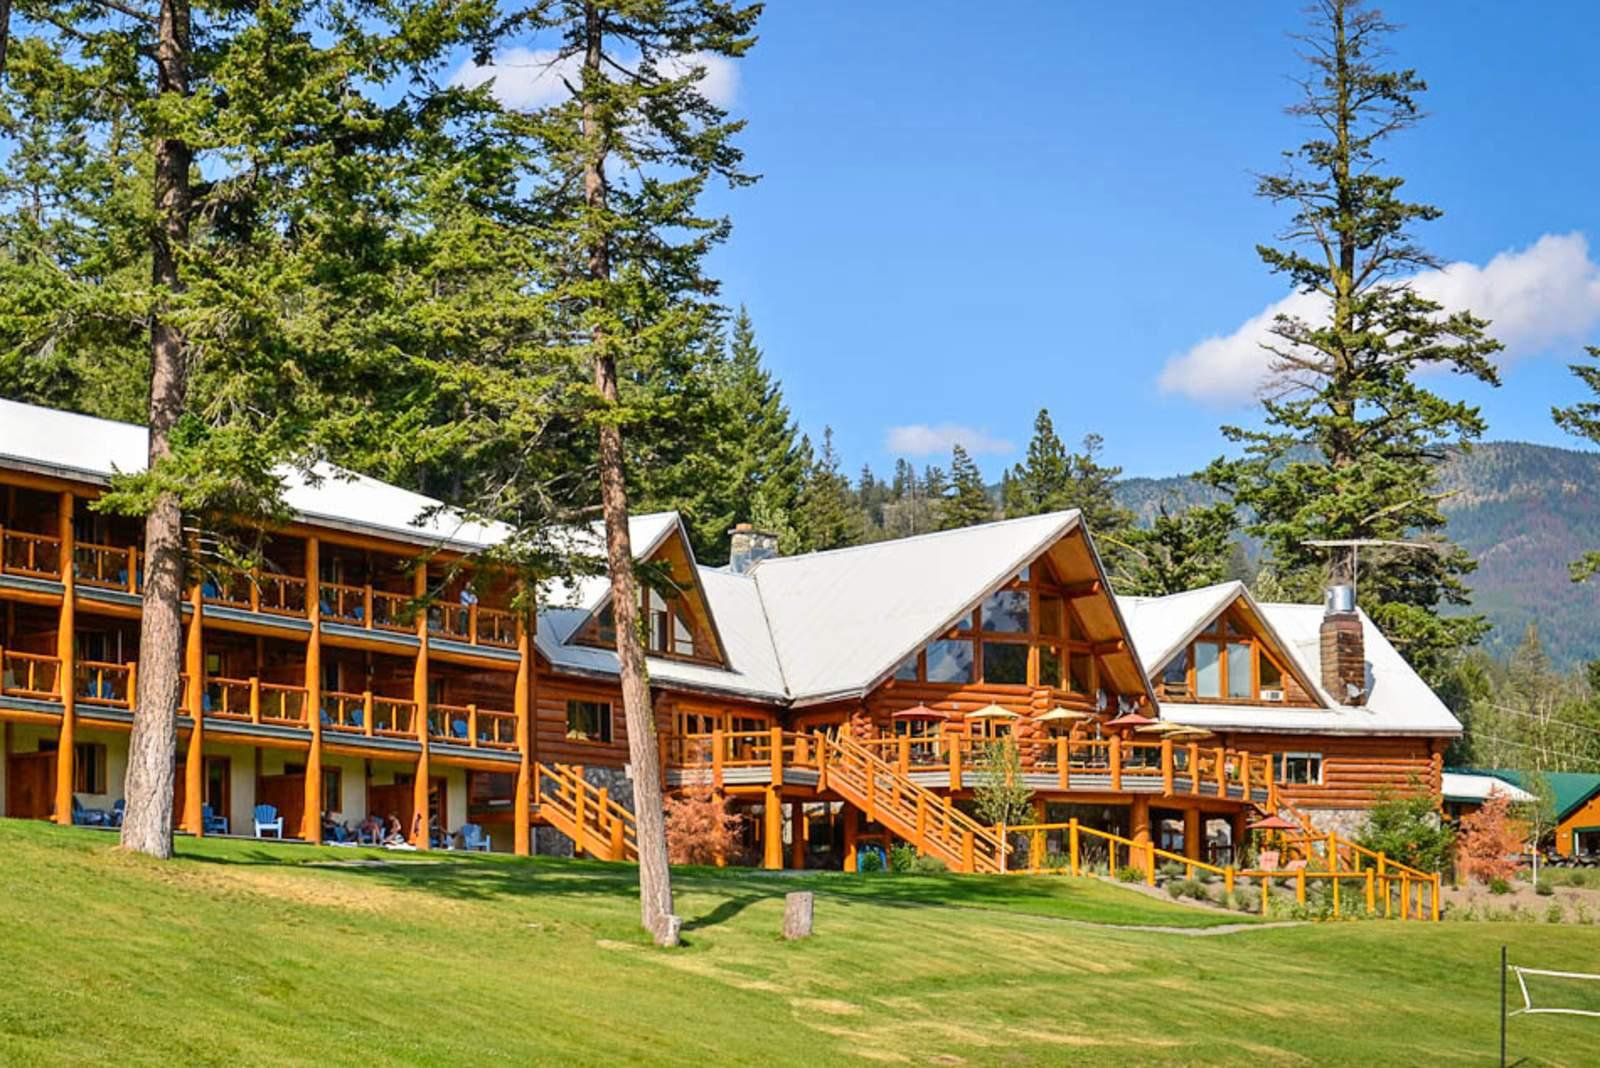 Impression Tyax Wilderness Resort und Spa